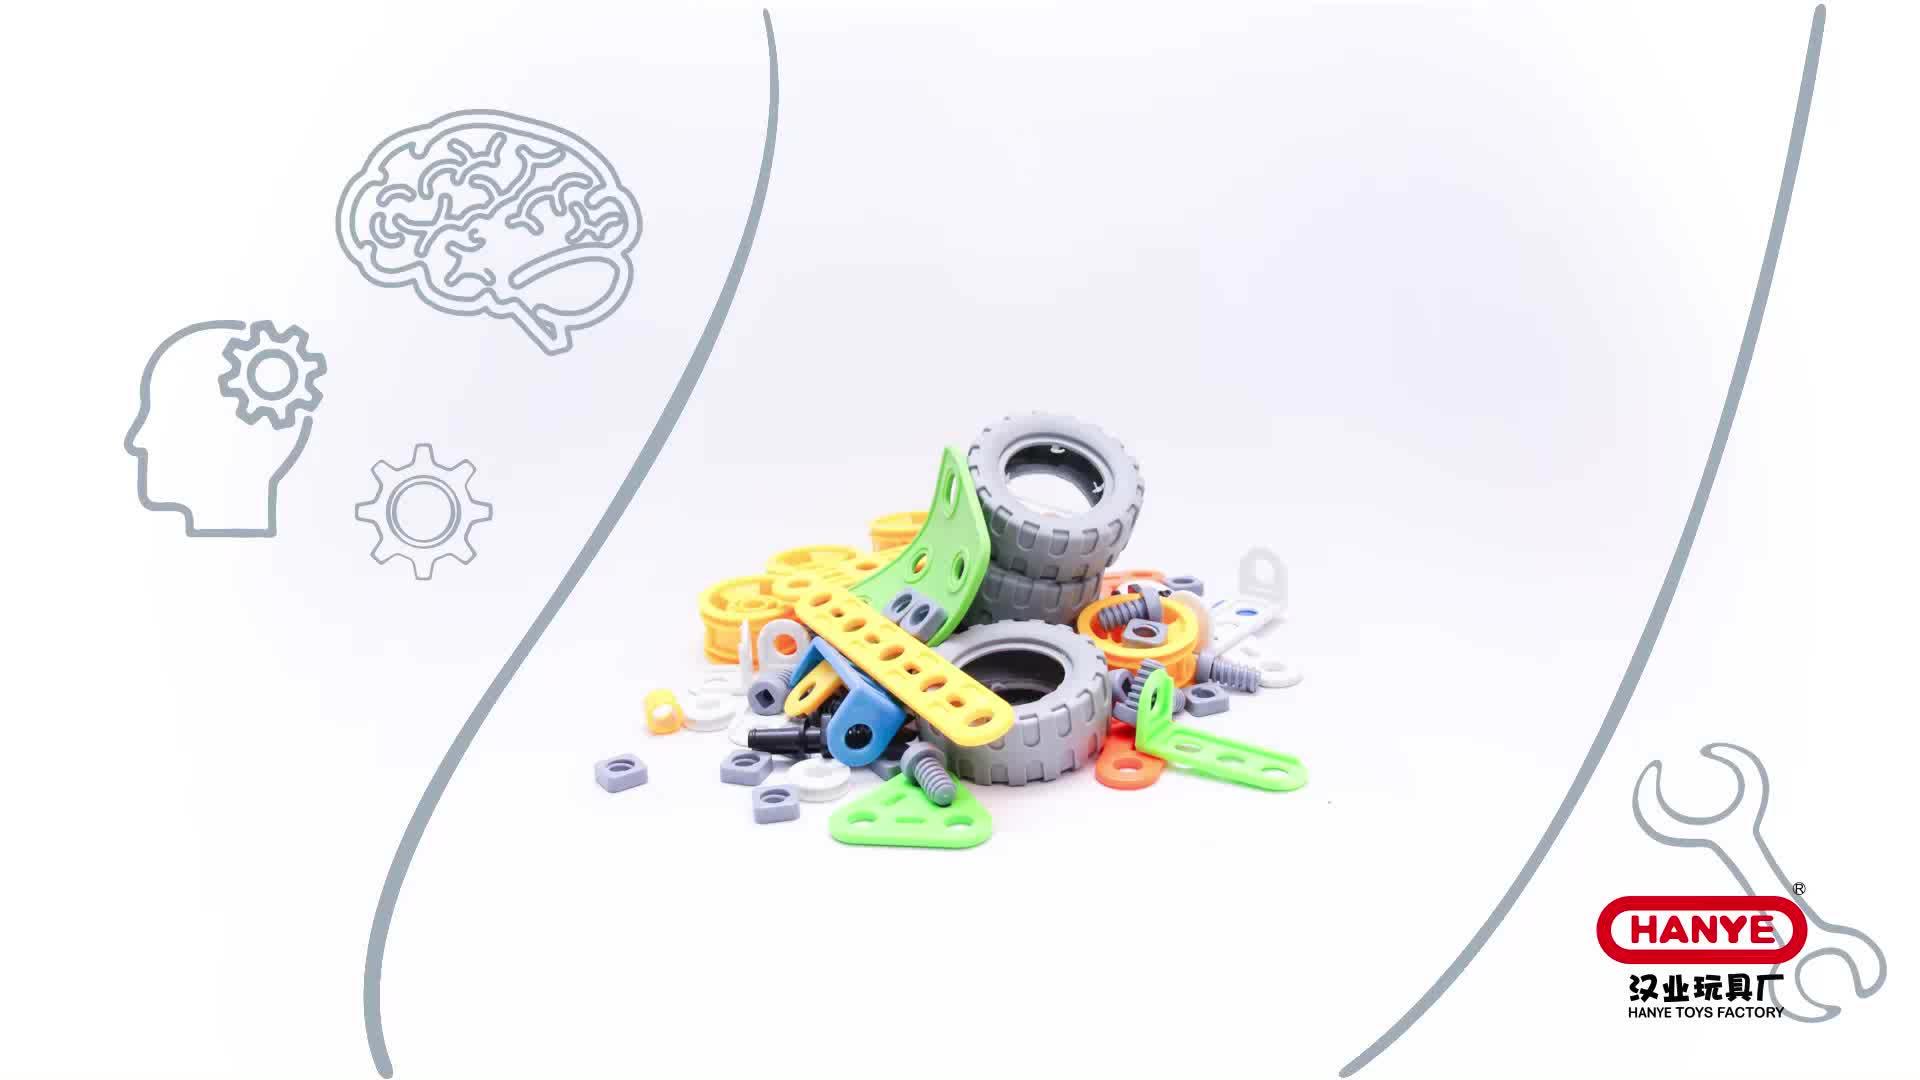 HYJ-7742 جديد تصميم 5 في 1 بناء والتشغيل مجموعة الألعاب التعليمية للأطفال ، تجميع اللعب ، ذكي بناء كتلة